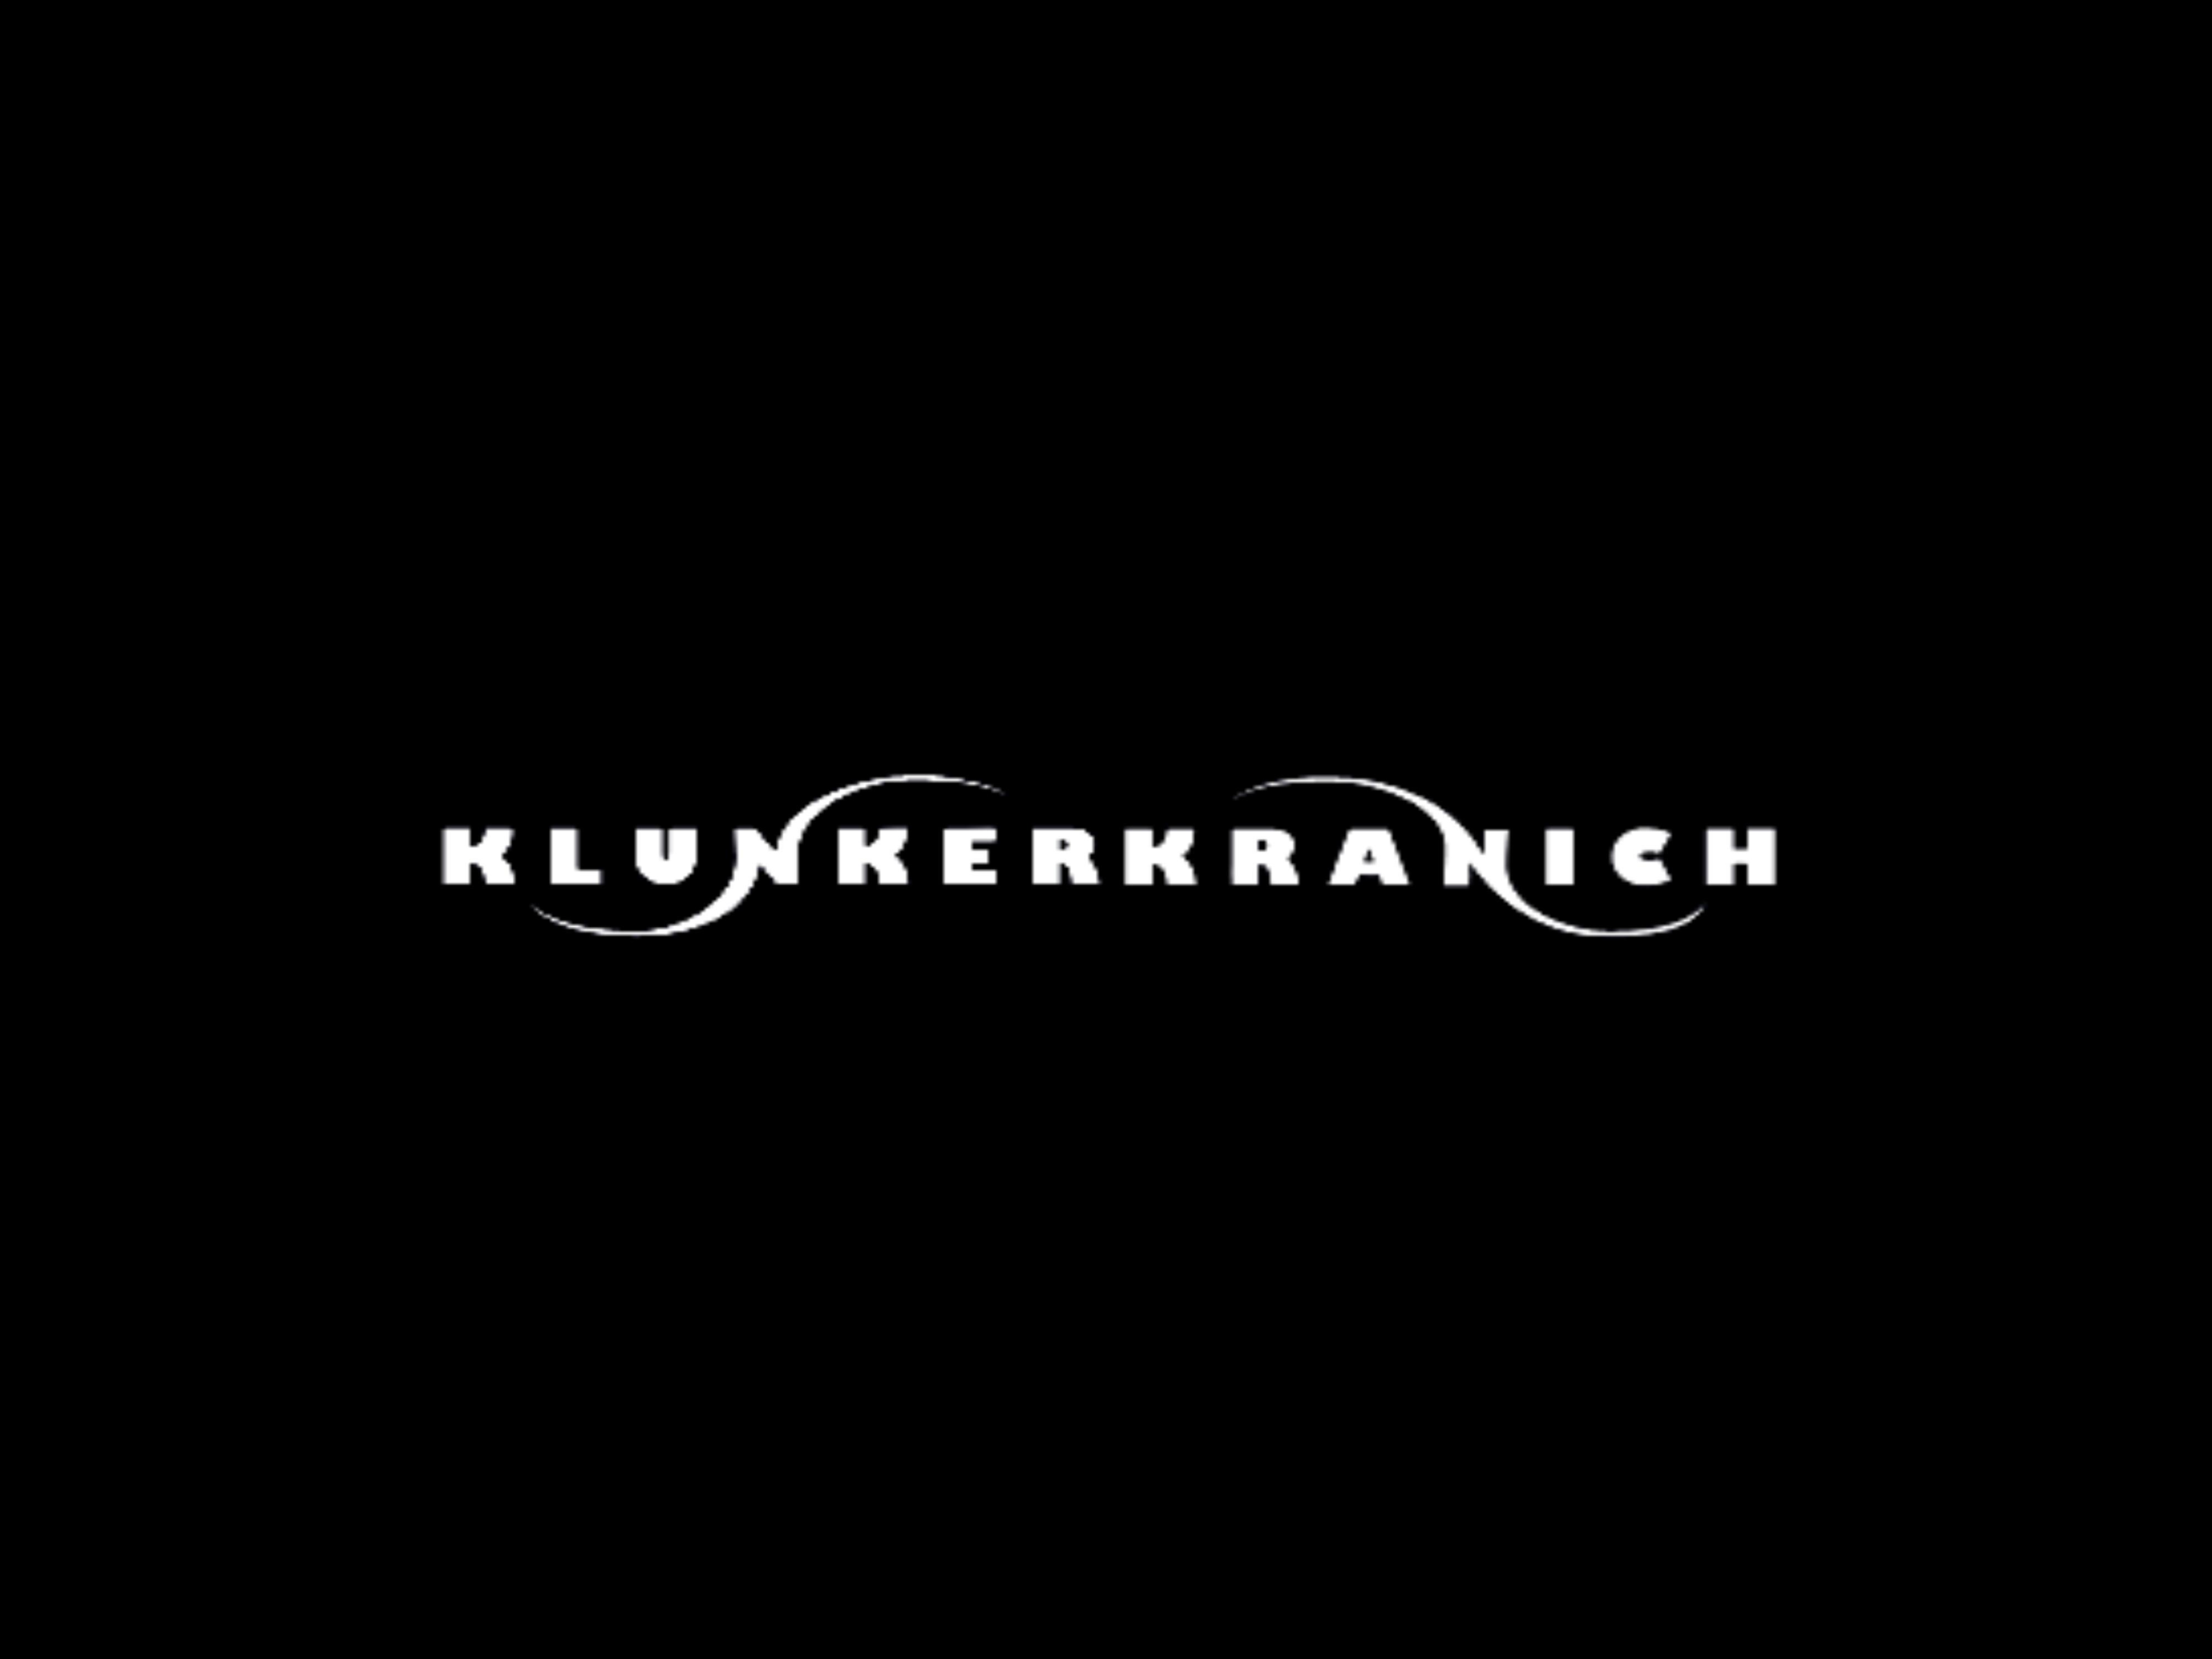 16-09.09 Klunkerkranich (1)